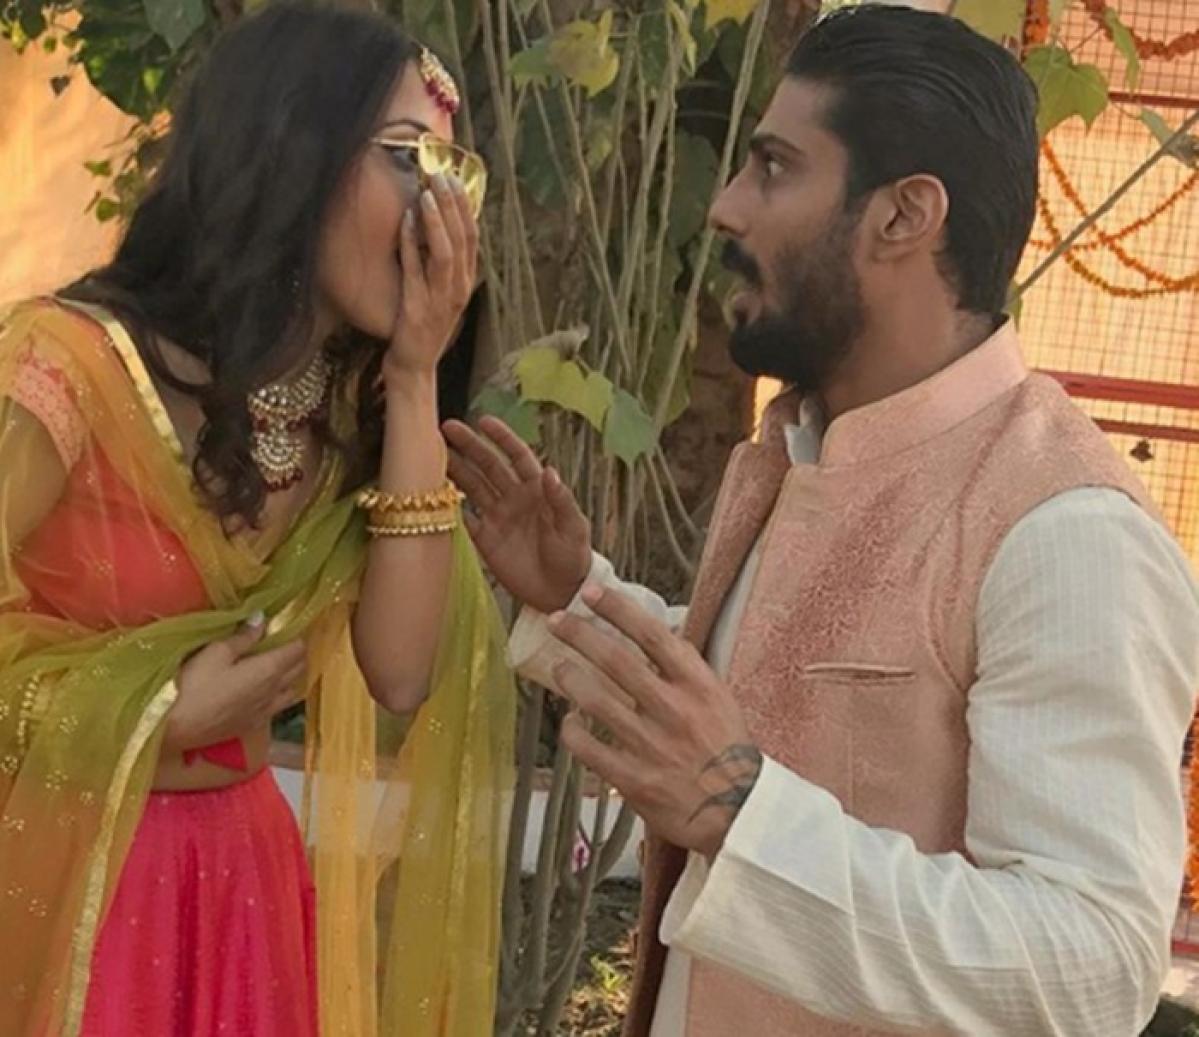 See Pic: Smita Patil's son Prateik Babbar got engaged to long time girlfriend Sanya Sagar